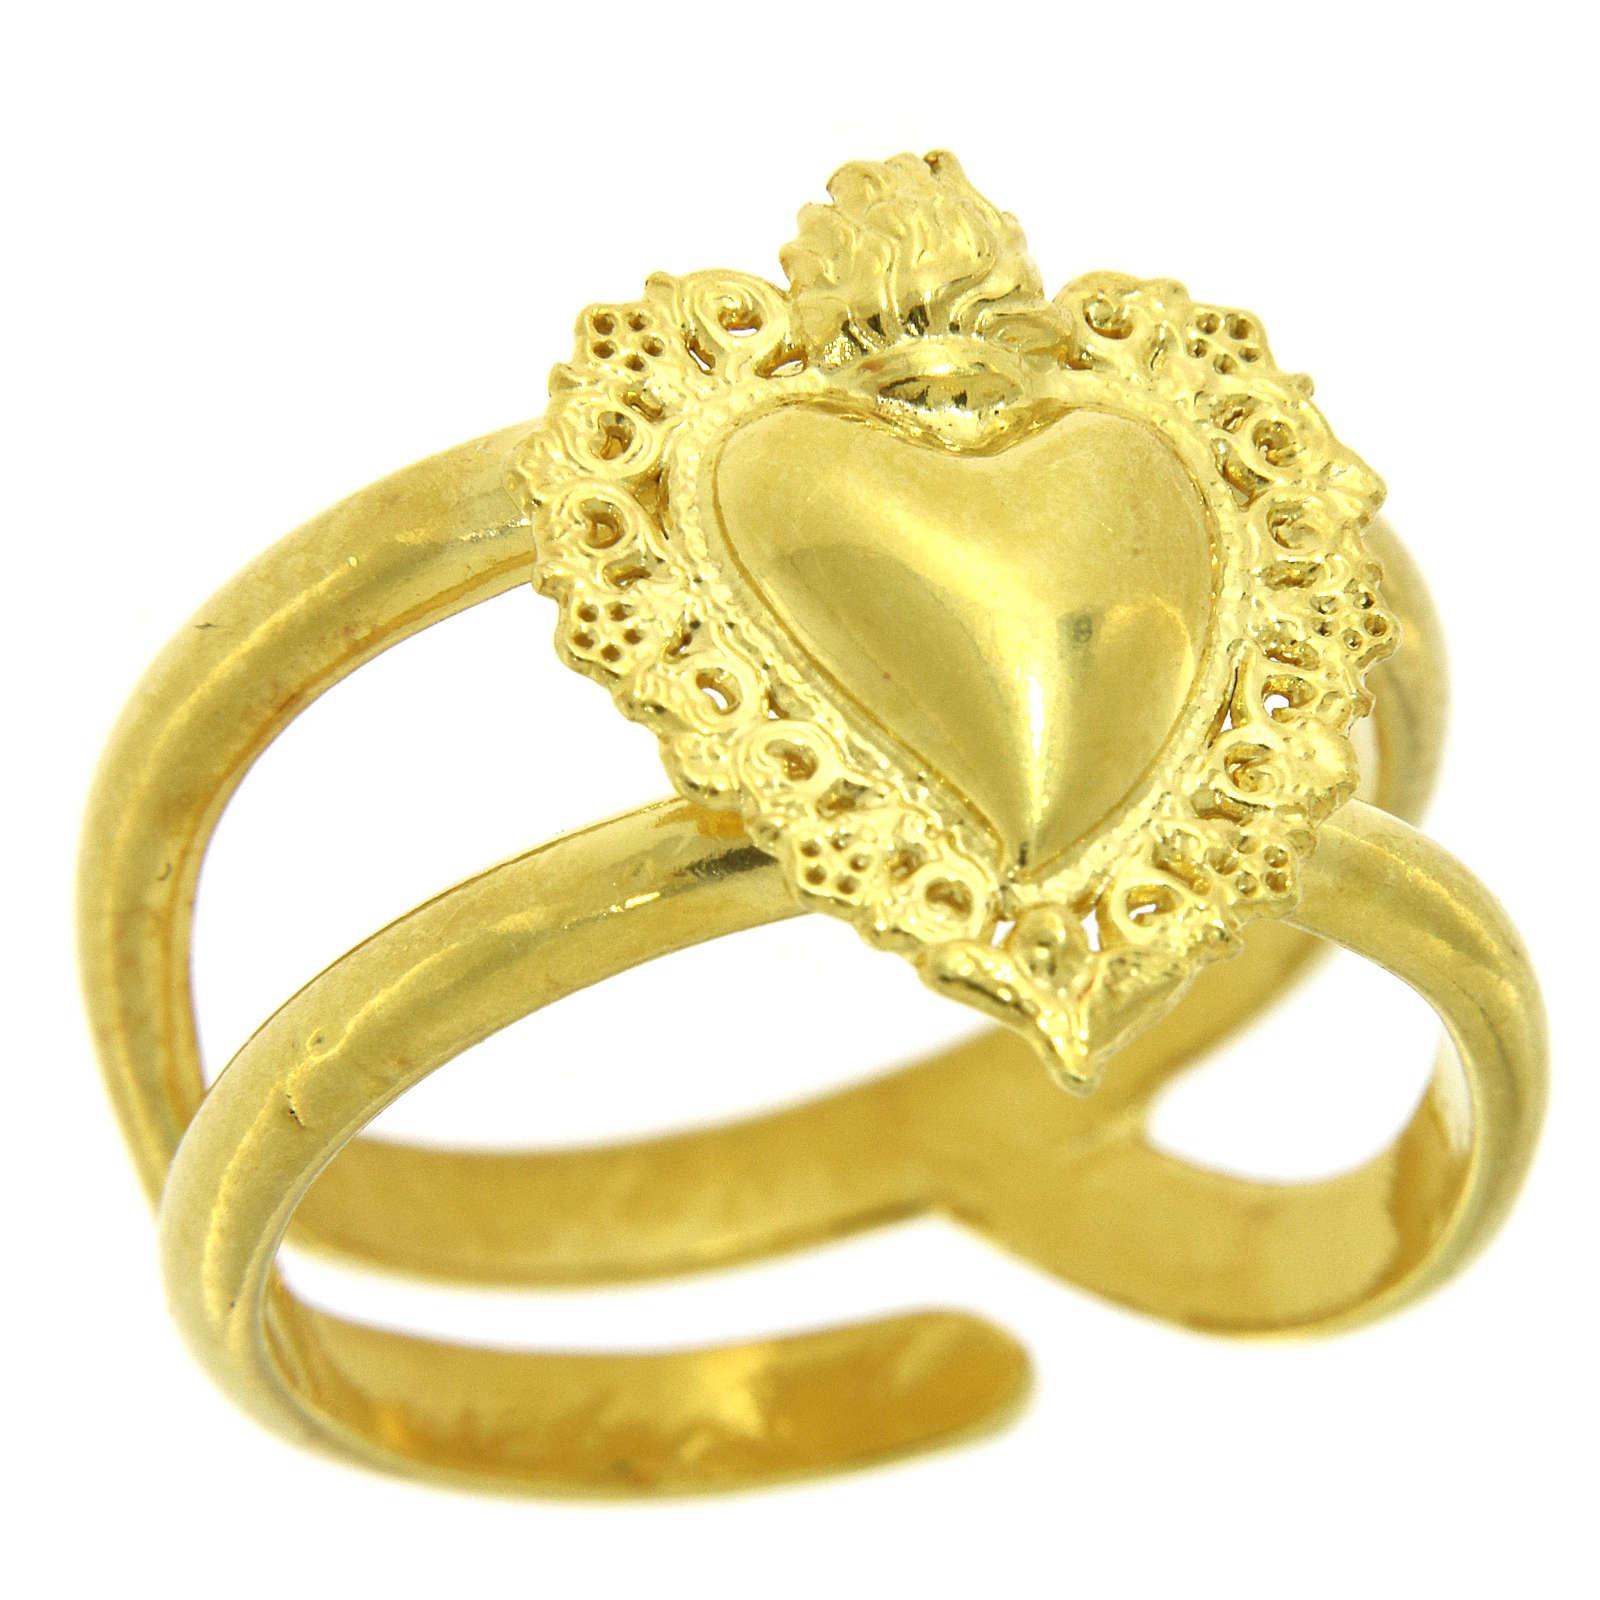 Anello regolabile dorato con cuore votivo vuoto in argento 925 3